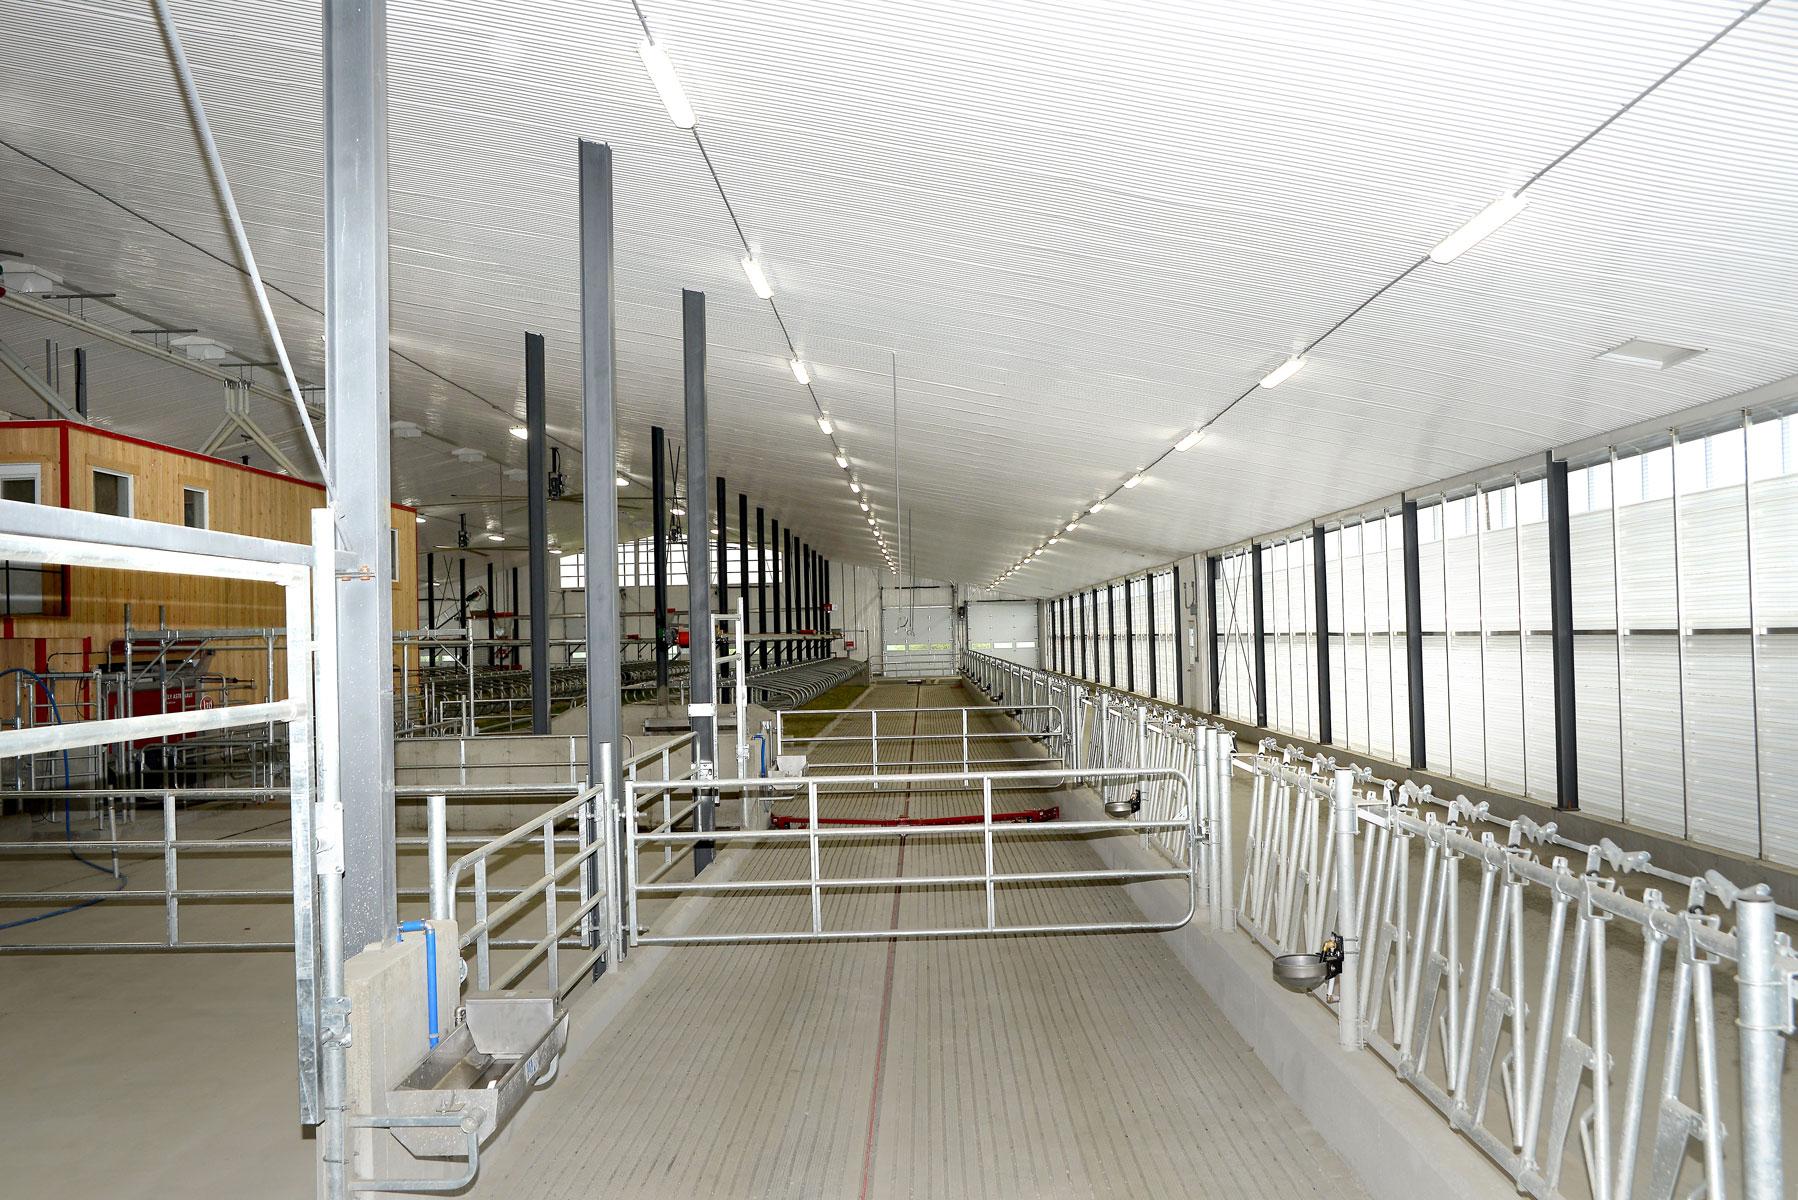 installation laitière barrière abreuvoire mangeoire carcan enclos robot / Équipements PFB